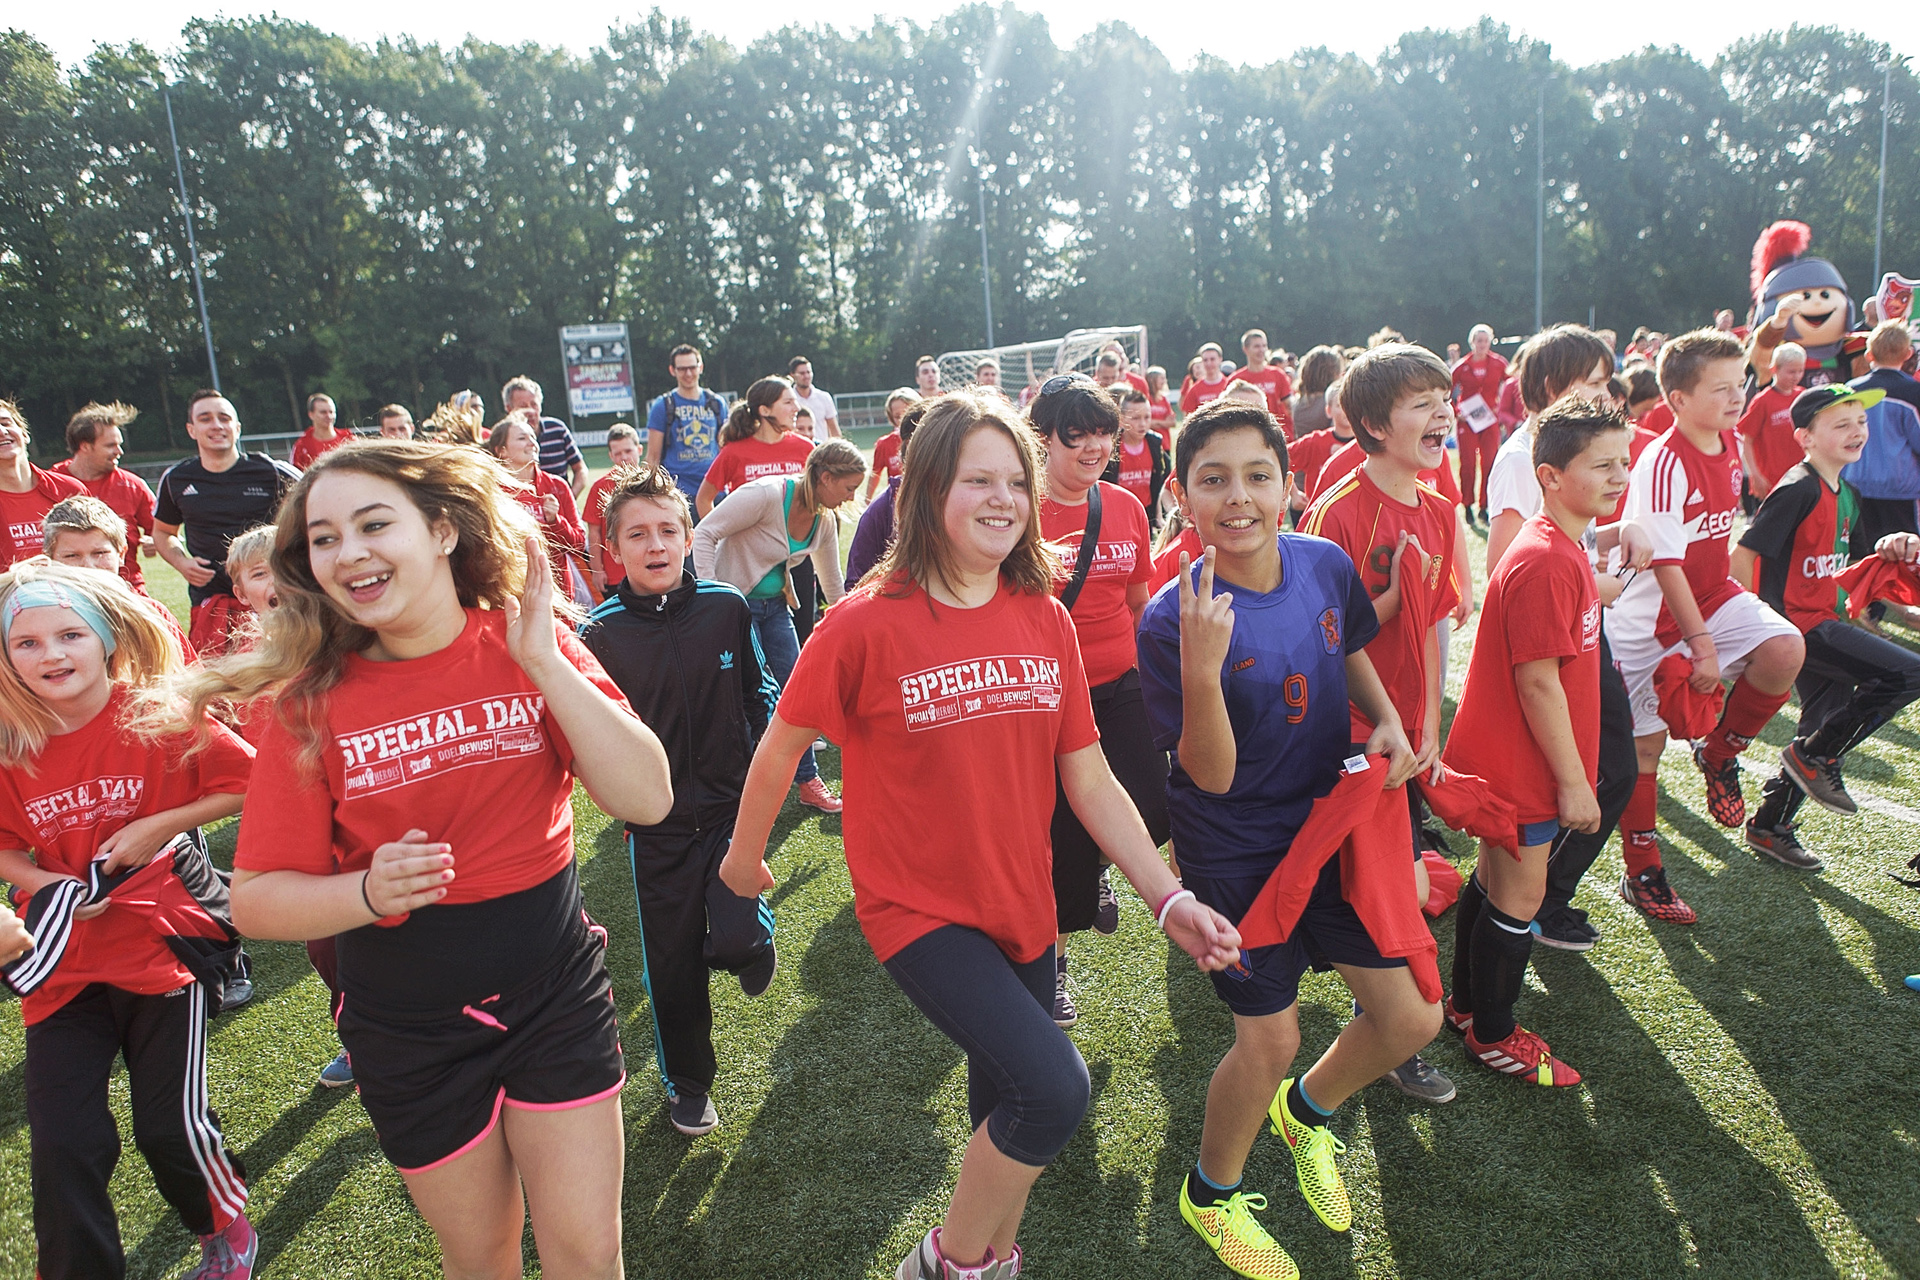 NEC Special Day : Verschillende verenigingen met speciaal sportaanbod verzorgen tijdens de Special Day@N.E.C. gastlessen om te laten zien dat er voldoende sportmogelijkheden zijn voor kinderen met een beperking. Foto : William Moore